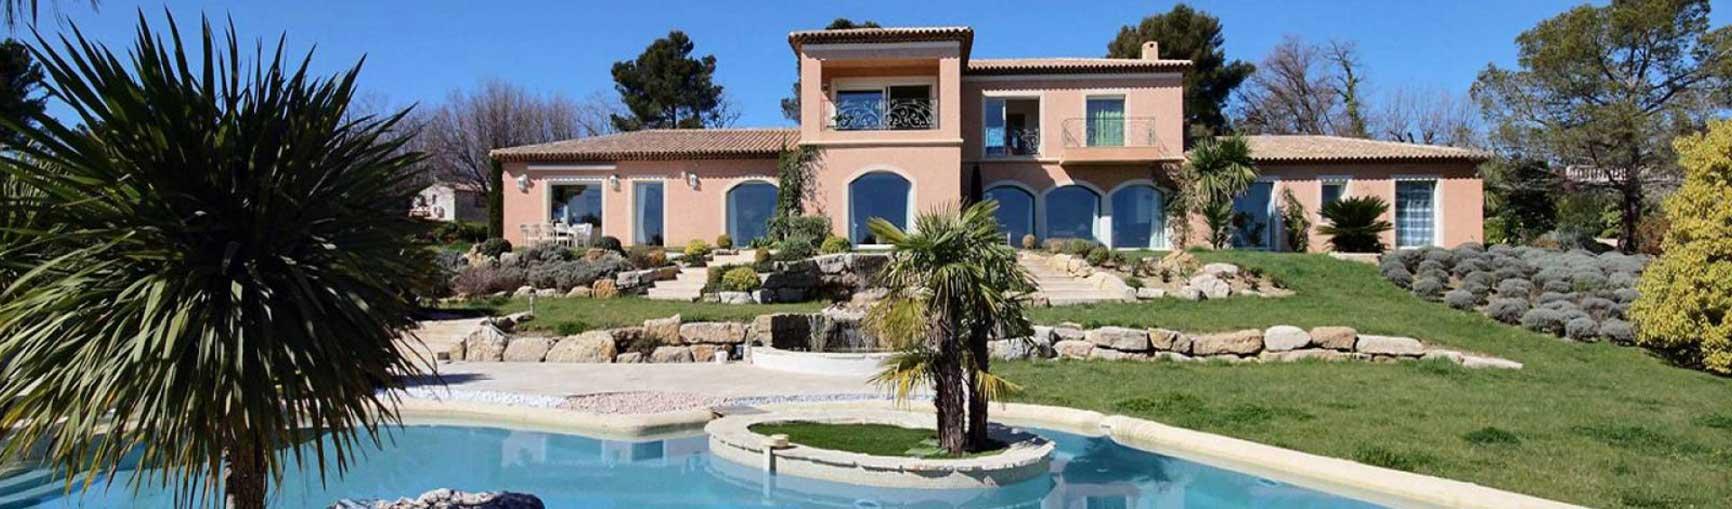 Location grande villa de luxe